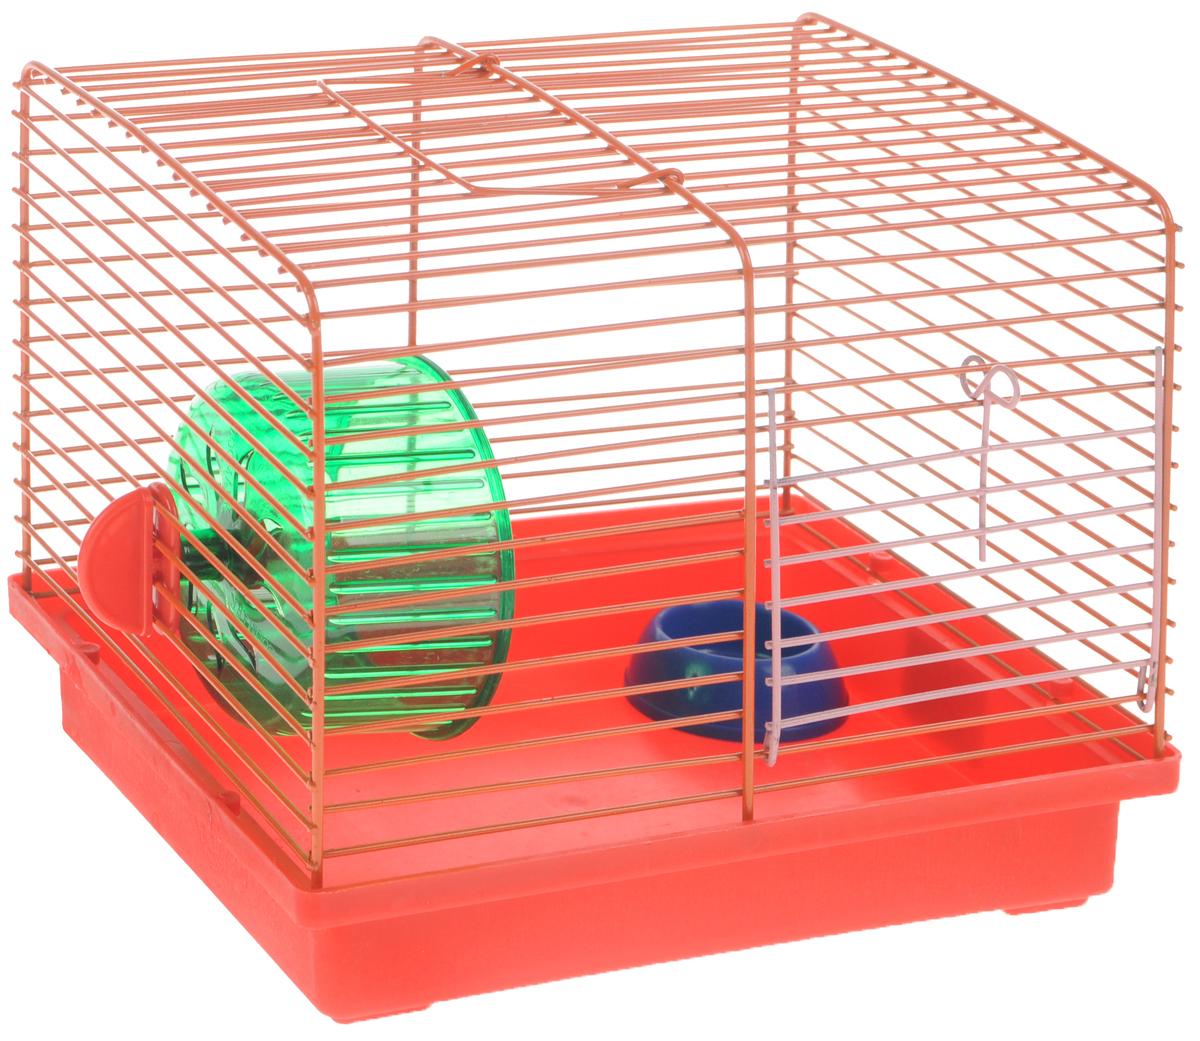 Клетка для джунгариков ЗооМарк, с колесом и миской, цвет: красный поддон, оранжевая решетка, 23 х 18 х 19 см0120710Клетка ЗооМарк, выполненная из пластика и металла, подходит для мелких грызунов. Изделие оборудовано колесом для подвижных игр и пластиковой миской. Клетка имеет яркий поддон, удобна в использовании и легко чистится. Сверху имеется ручка для переноски. Такая клетка станет личным пространством и уютным домиком для маленького грызуна.Комплектация: - клетка с поддоном;- миска;- колесо.